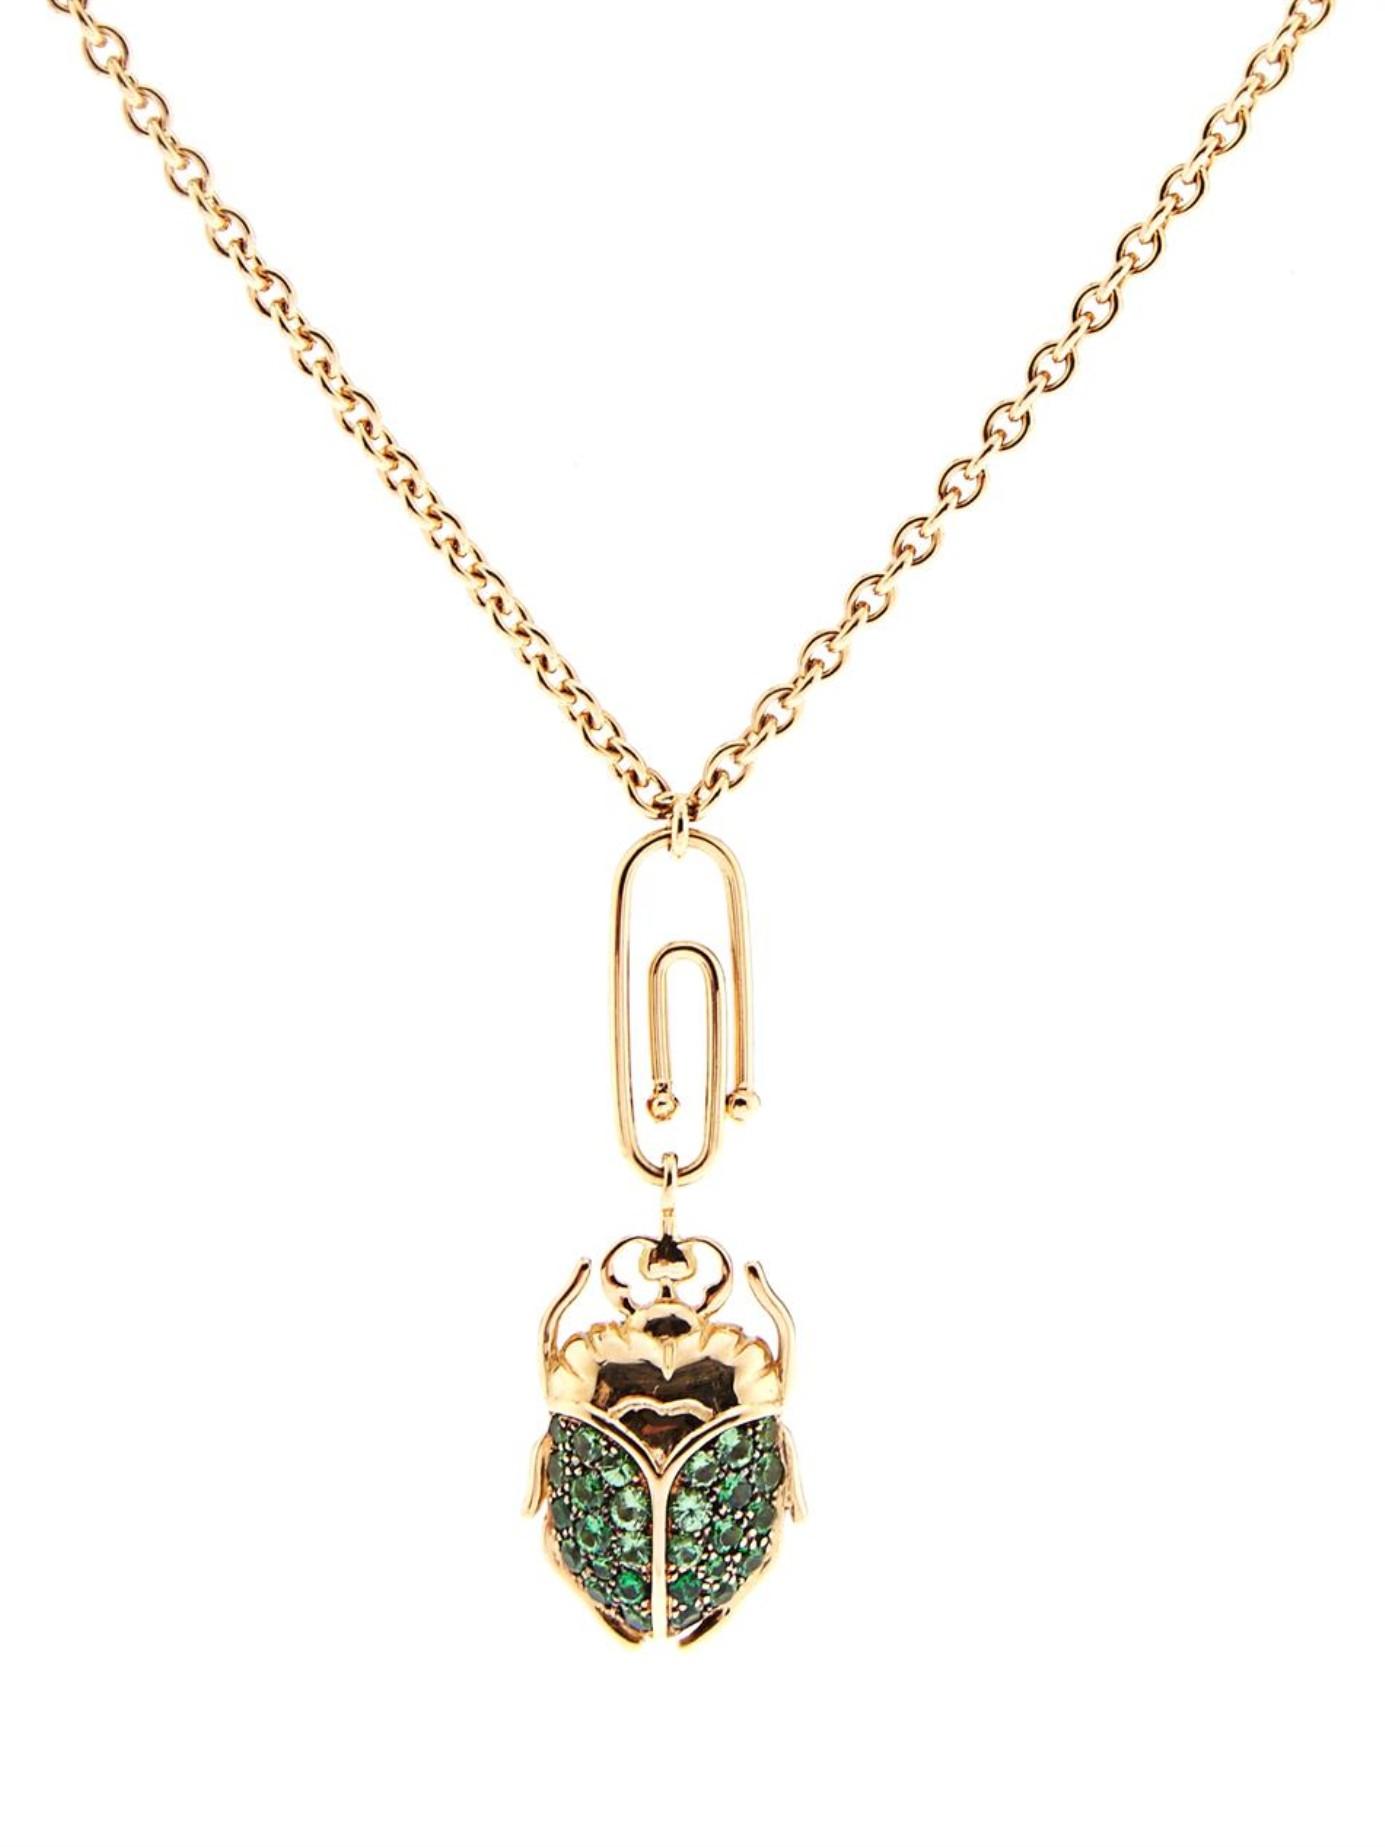 Aurelie bidermann Tsavorite & Yellow-Gold Necklace in ...